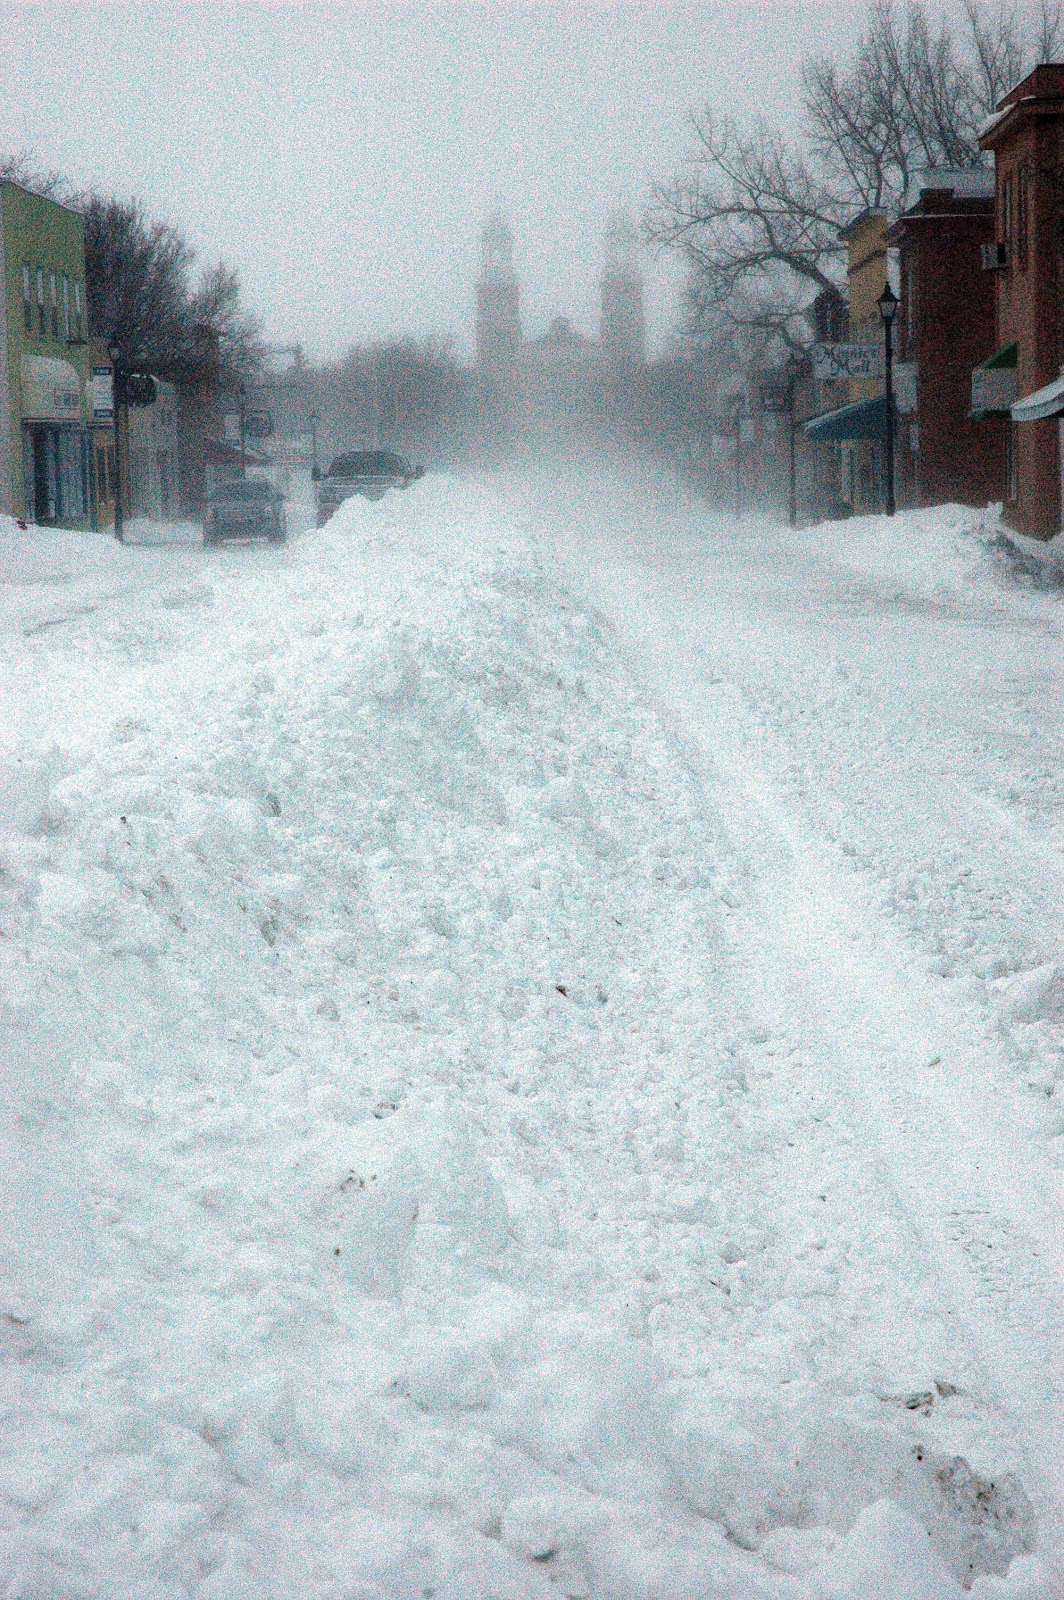 Valley Weather: Gravelbourg, Saskatchewan blizzard photos